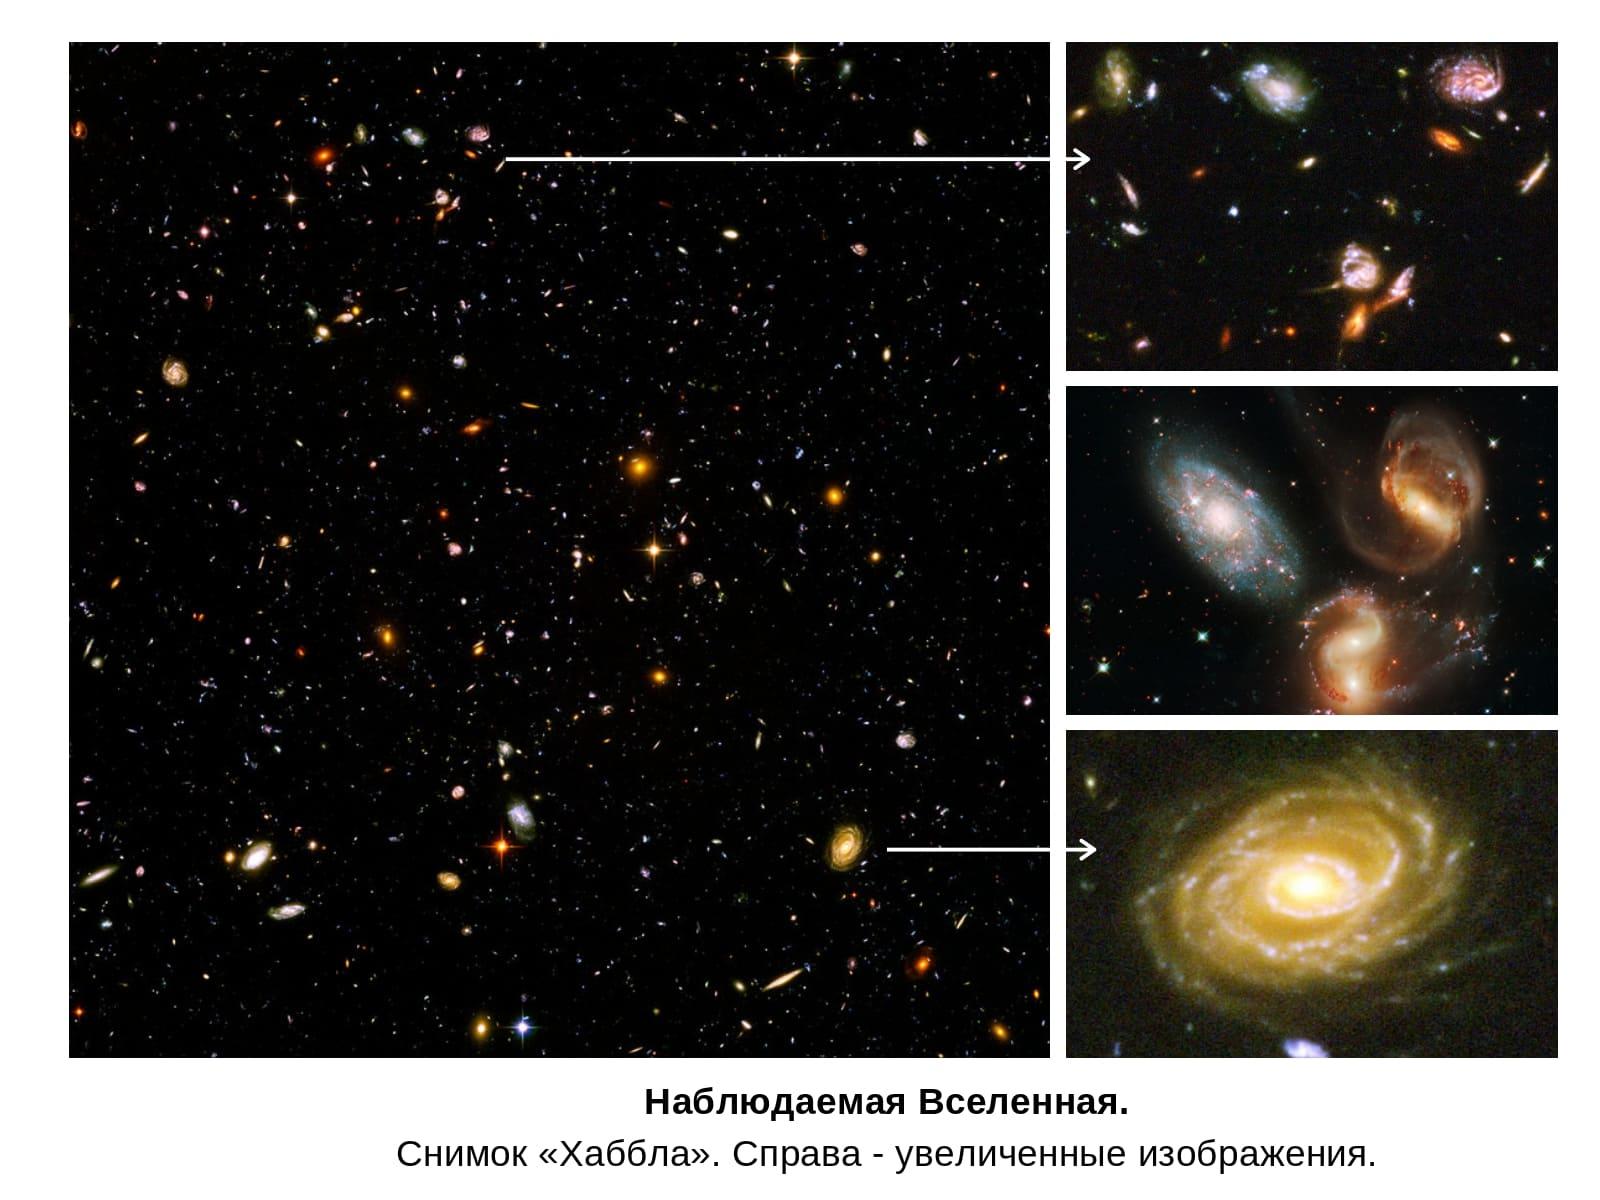 Наблюдаемая Вселенная